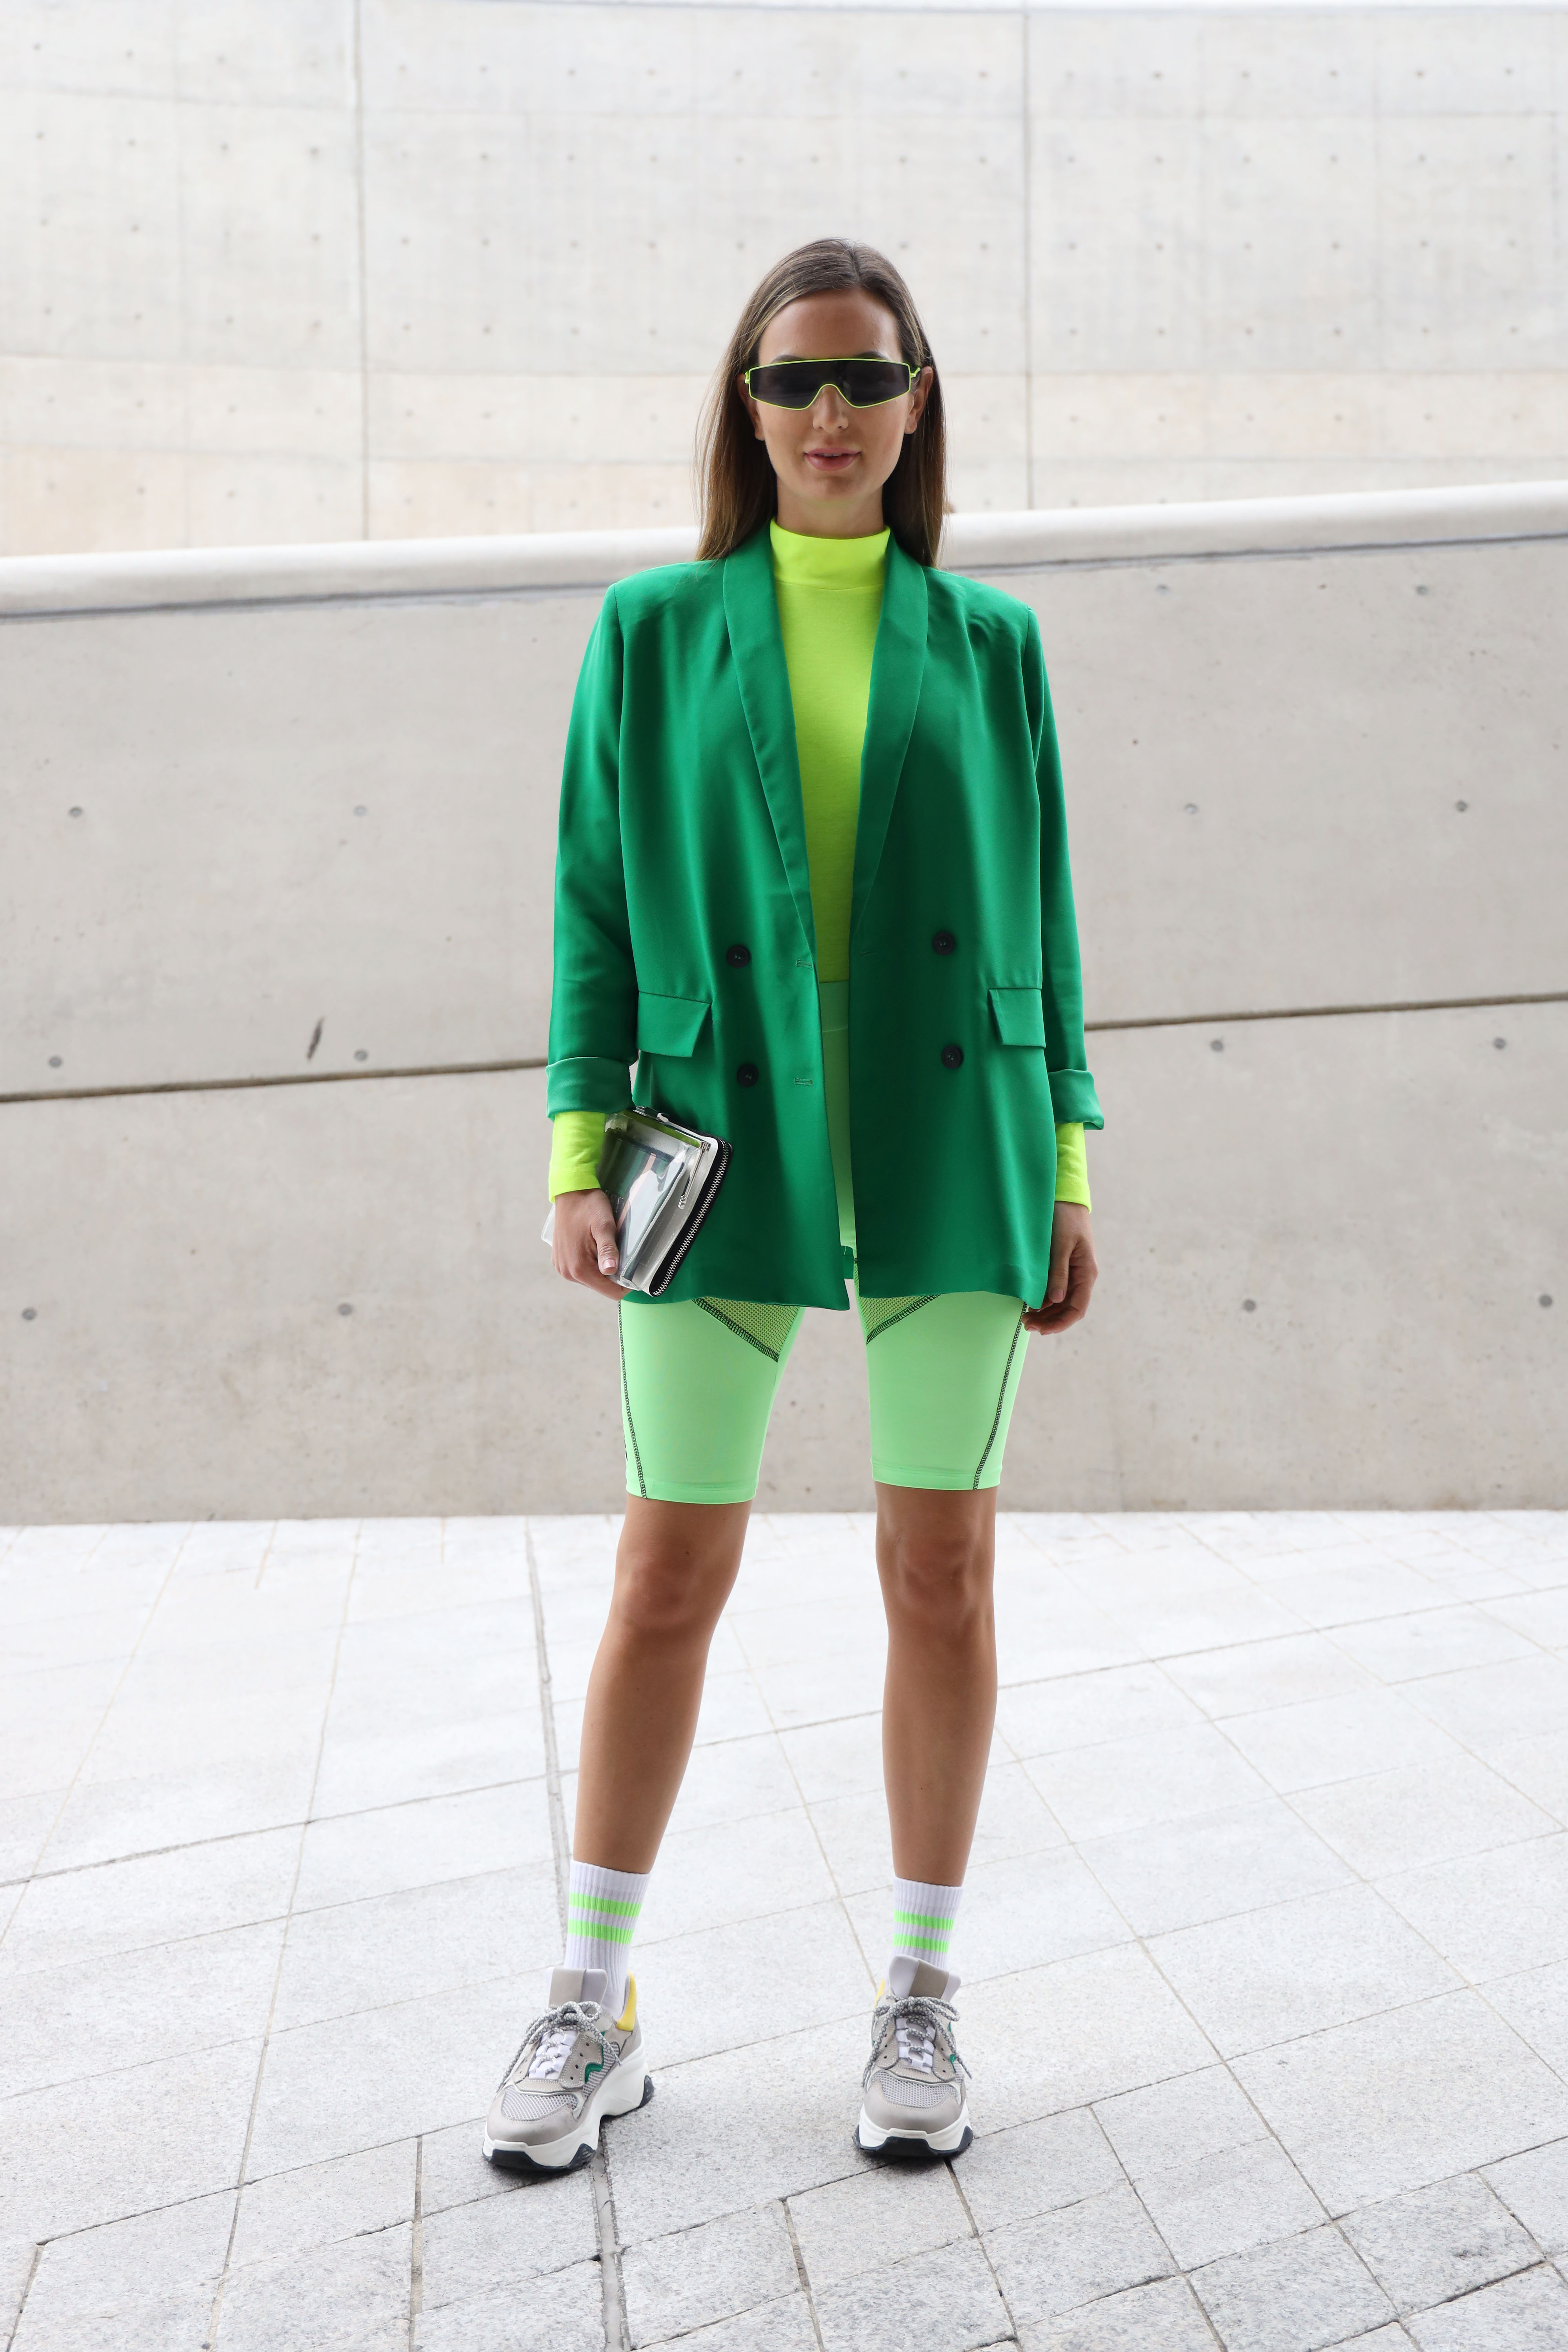 トレンドカラーのひとつ、グリーンのワントーンスタイルは新鮮! ネオン、ペールと様々なトーンをミックスした遊び心でポップなスポーティルックに。サイバーちっくなサングラスもおしゃれ!